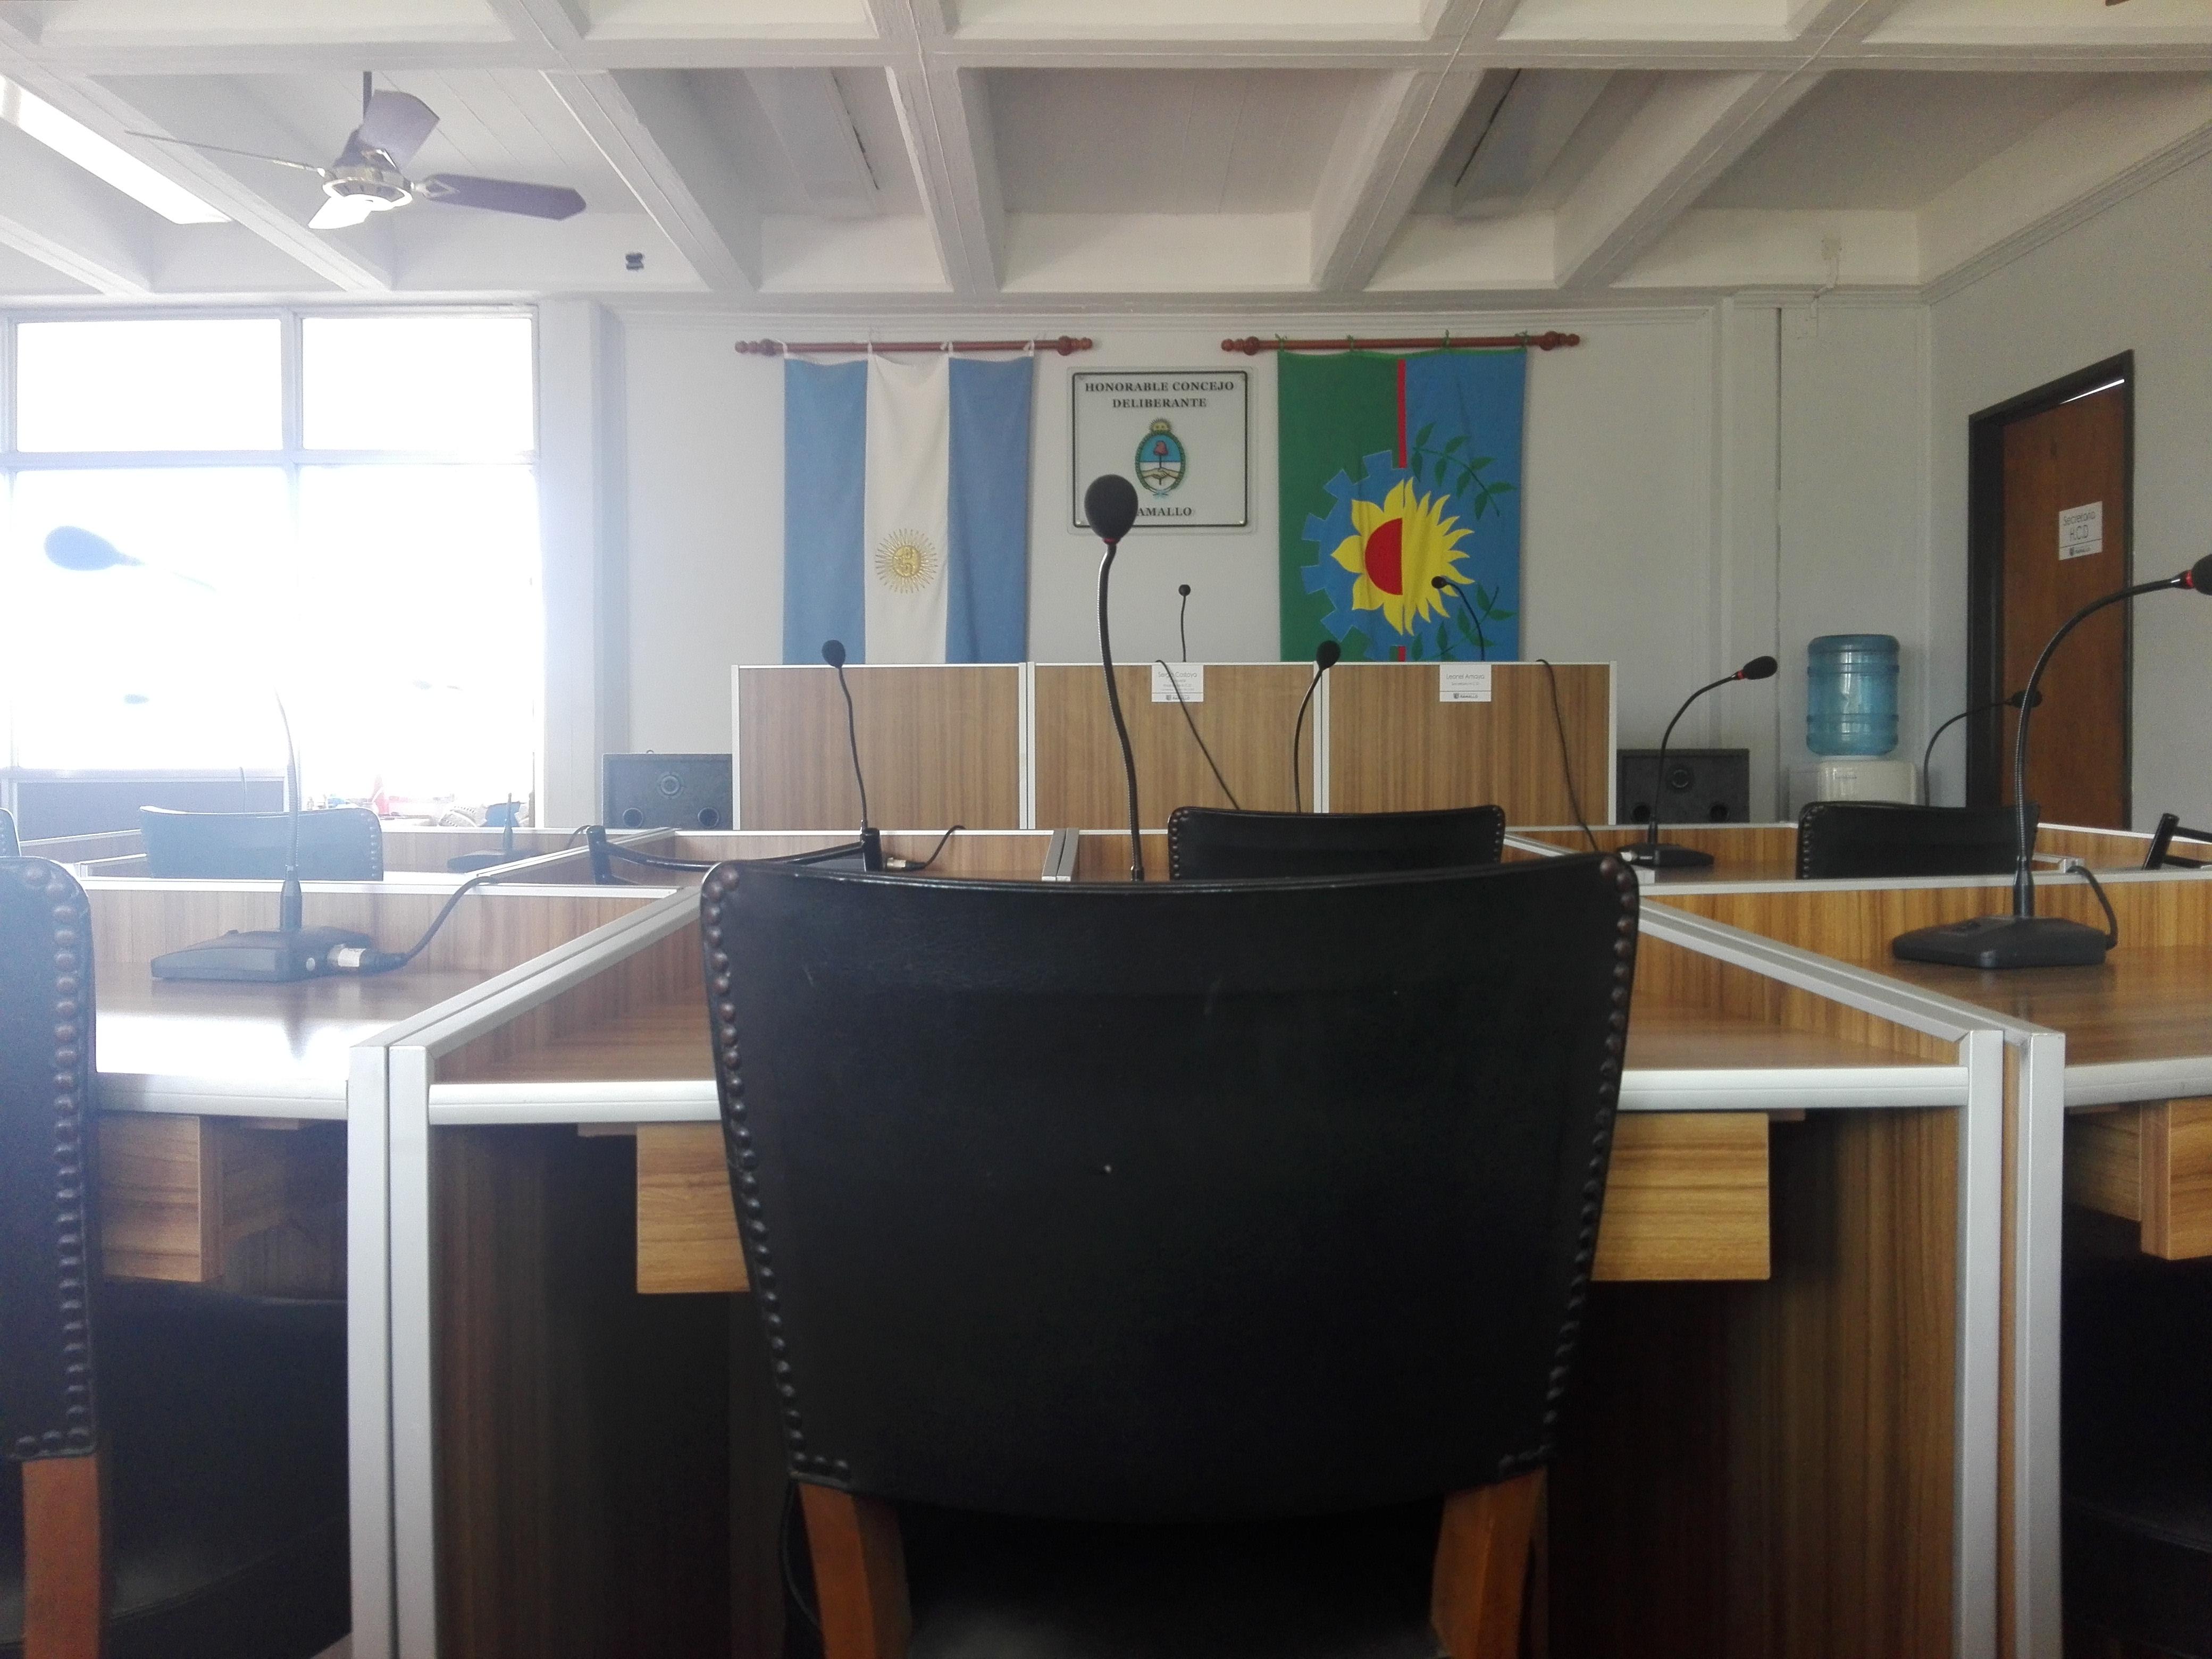 Se conoció el presupuesto 2019 para la Administración Central y el Hospital José María Gomendio. En total, es municipio necesitará cerca de mil millones de pesos para funcionar y administrarse.